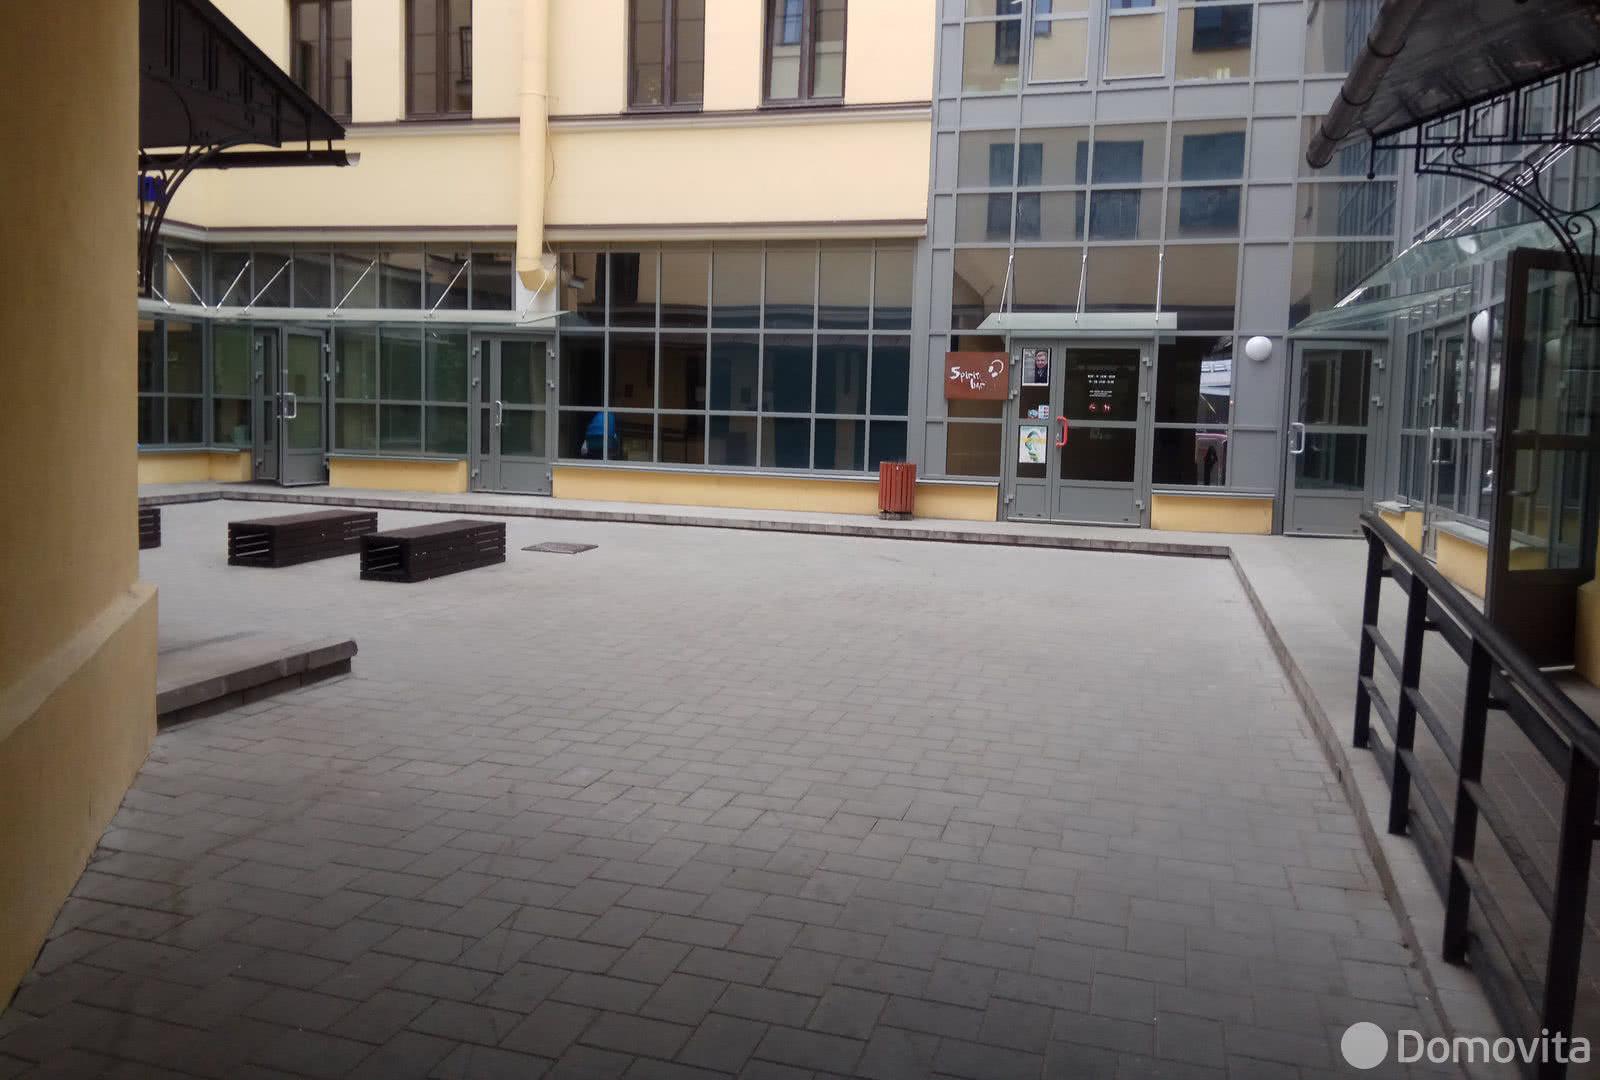 Бизнес-центр БЦ На торговой набережной - фото 5